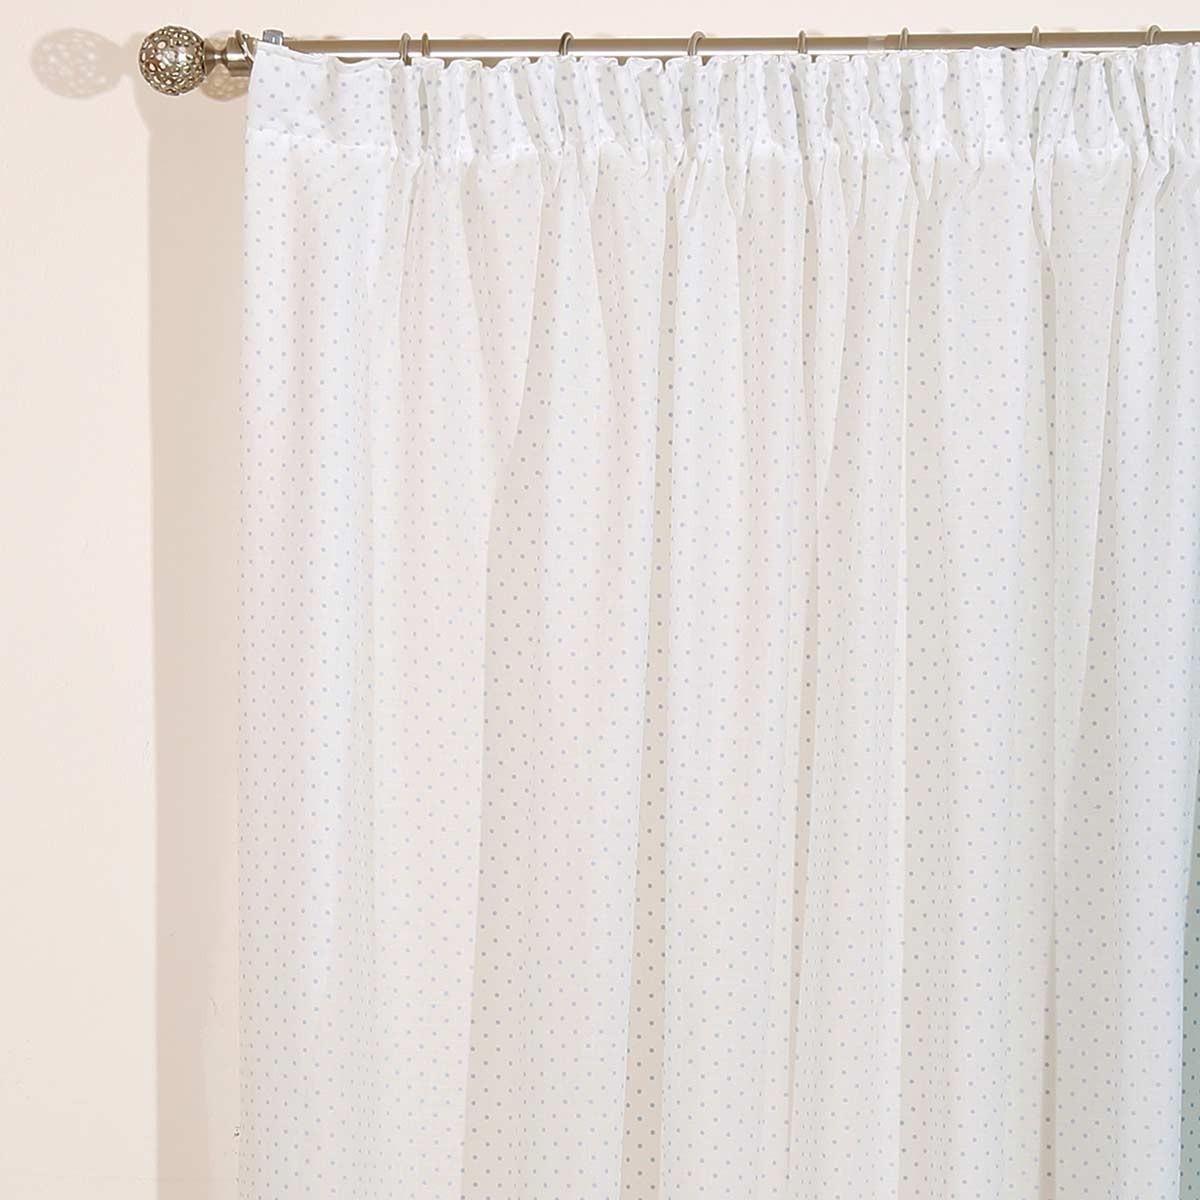 Παιδική Κουρτίνα (280×270) Viopros Curtains Γάζα Πουά Σιέλ